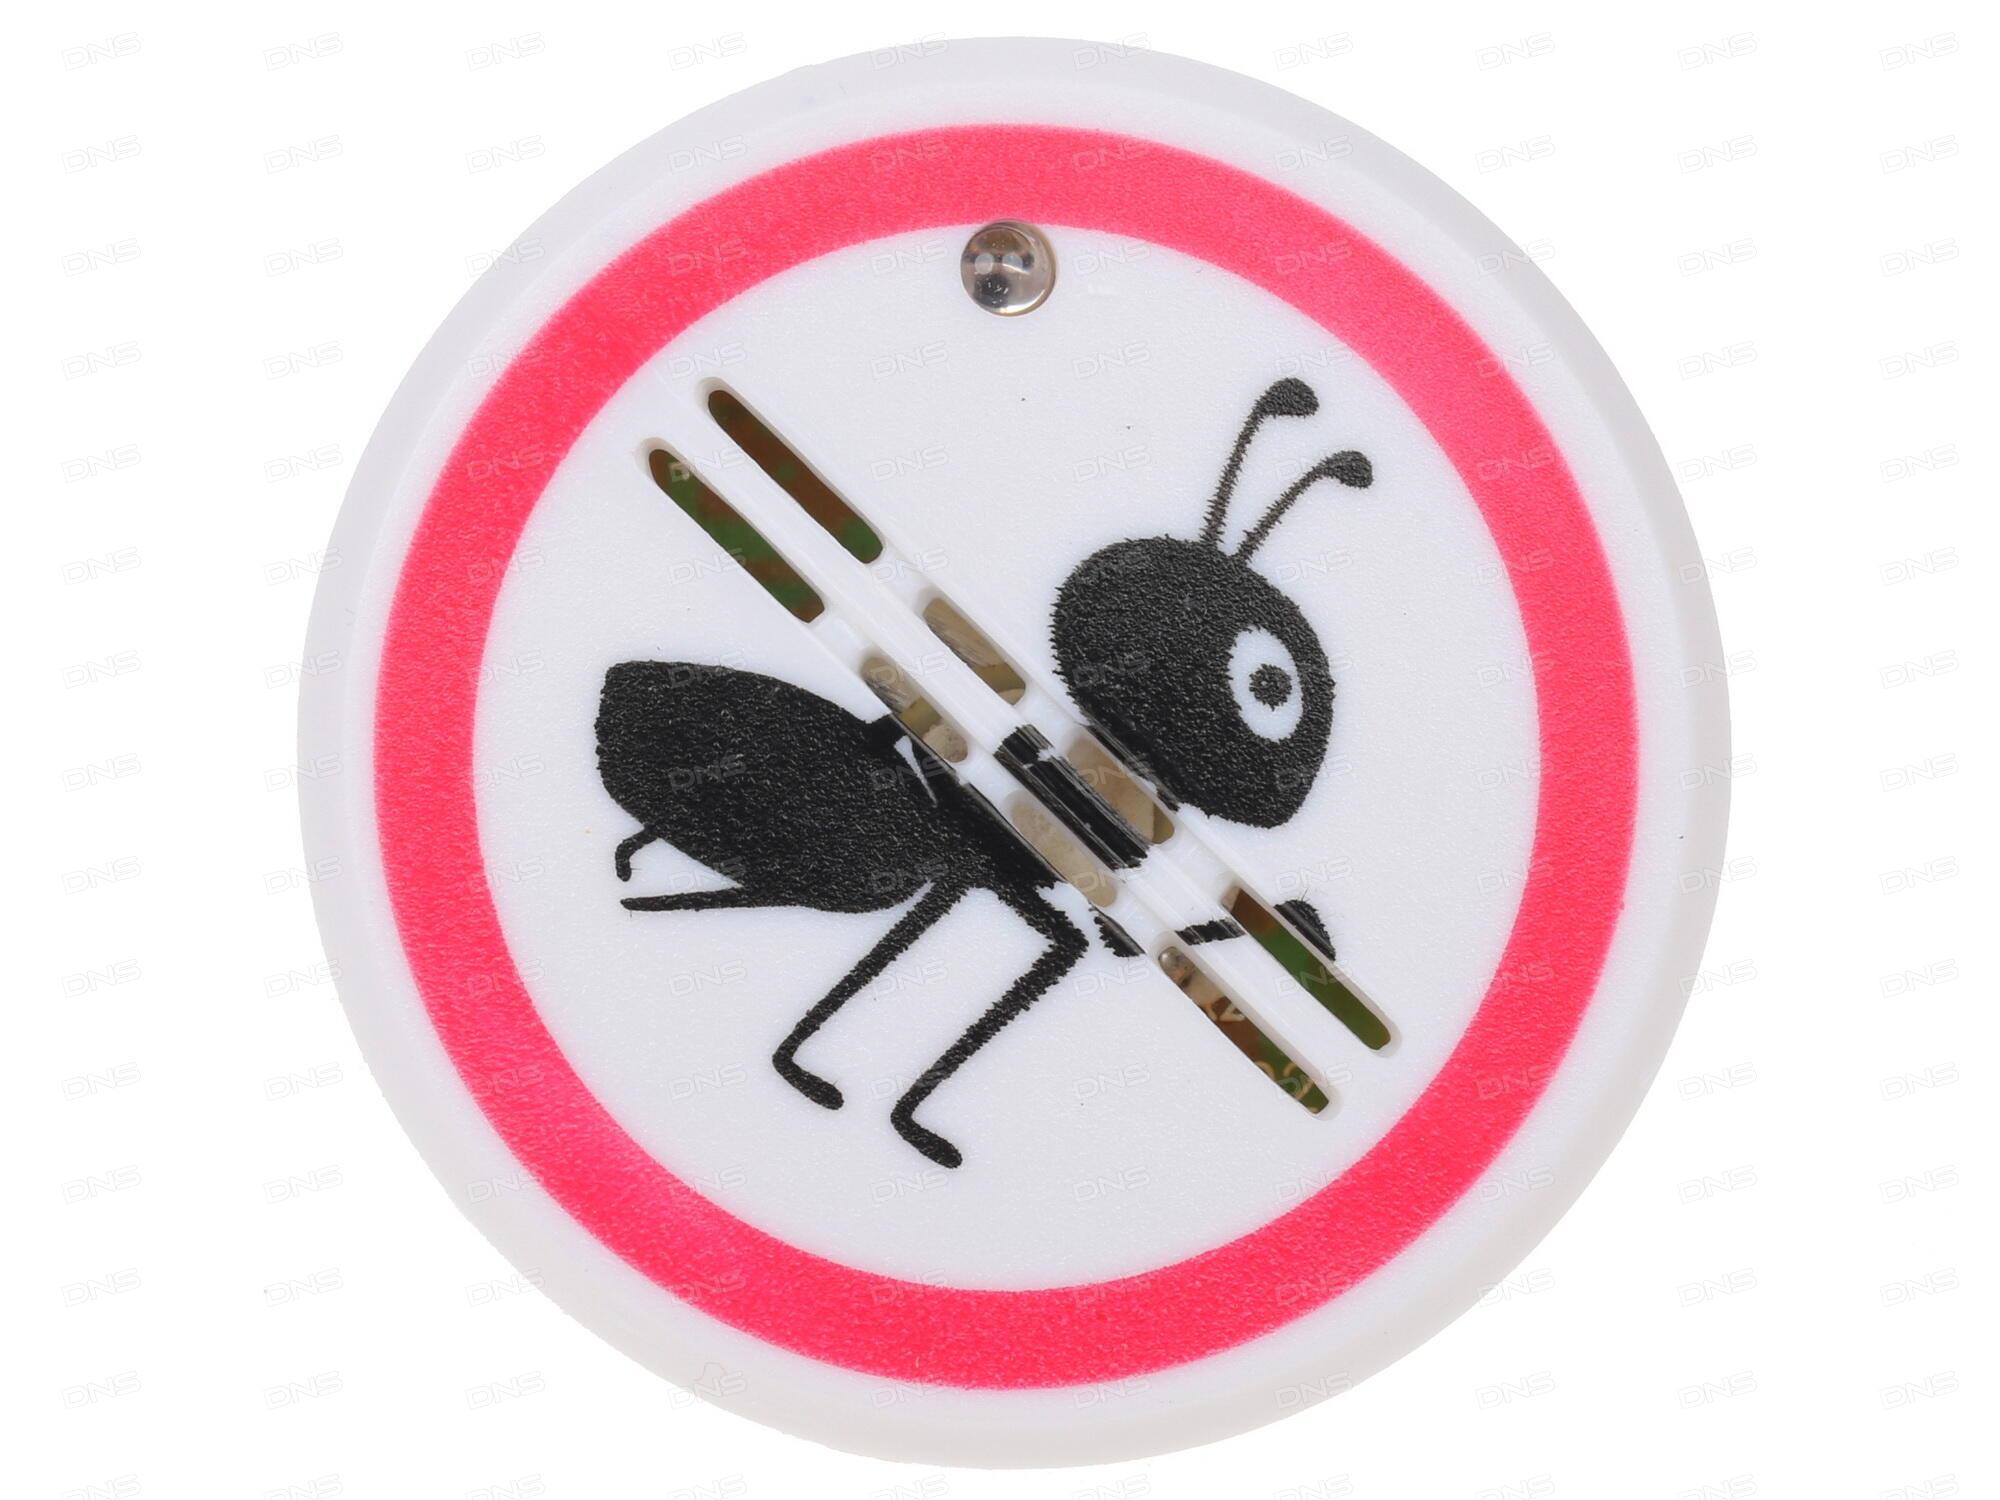 отпугиватель насекомых терминатор отзывы